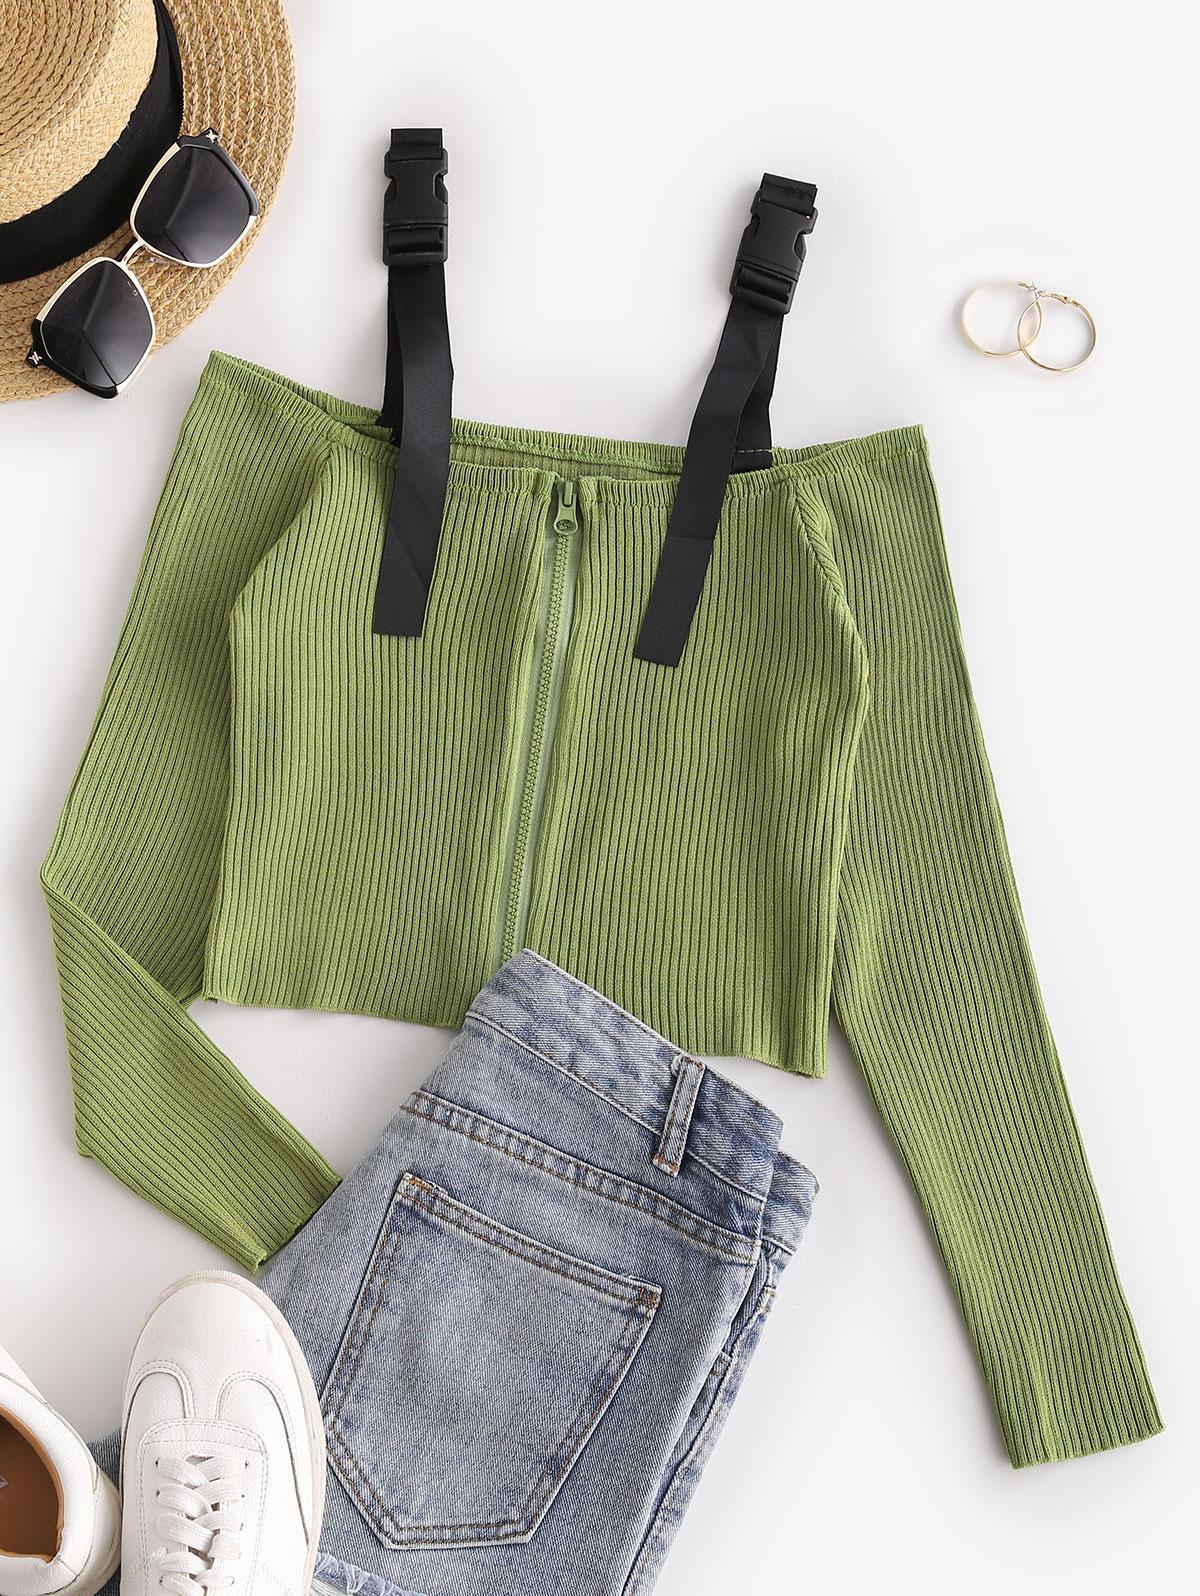 Buckled Zip Up Cold Shoulder Knitwear